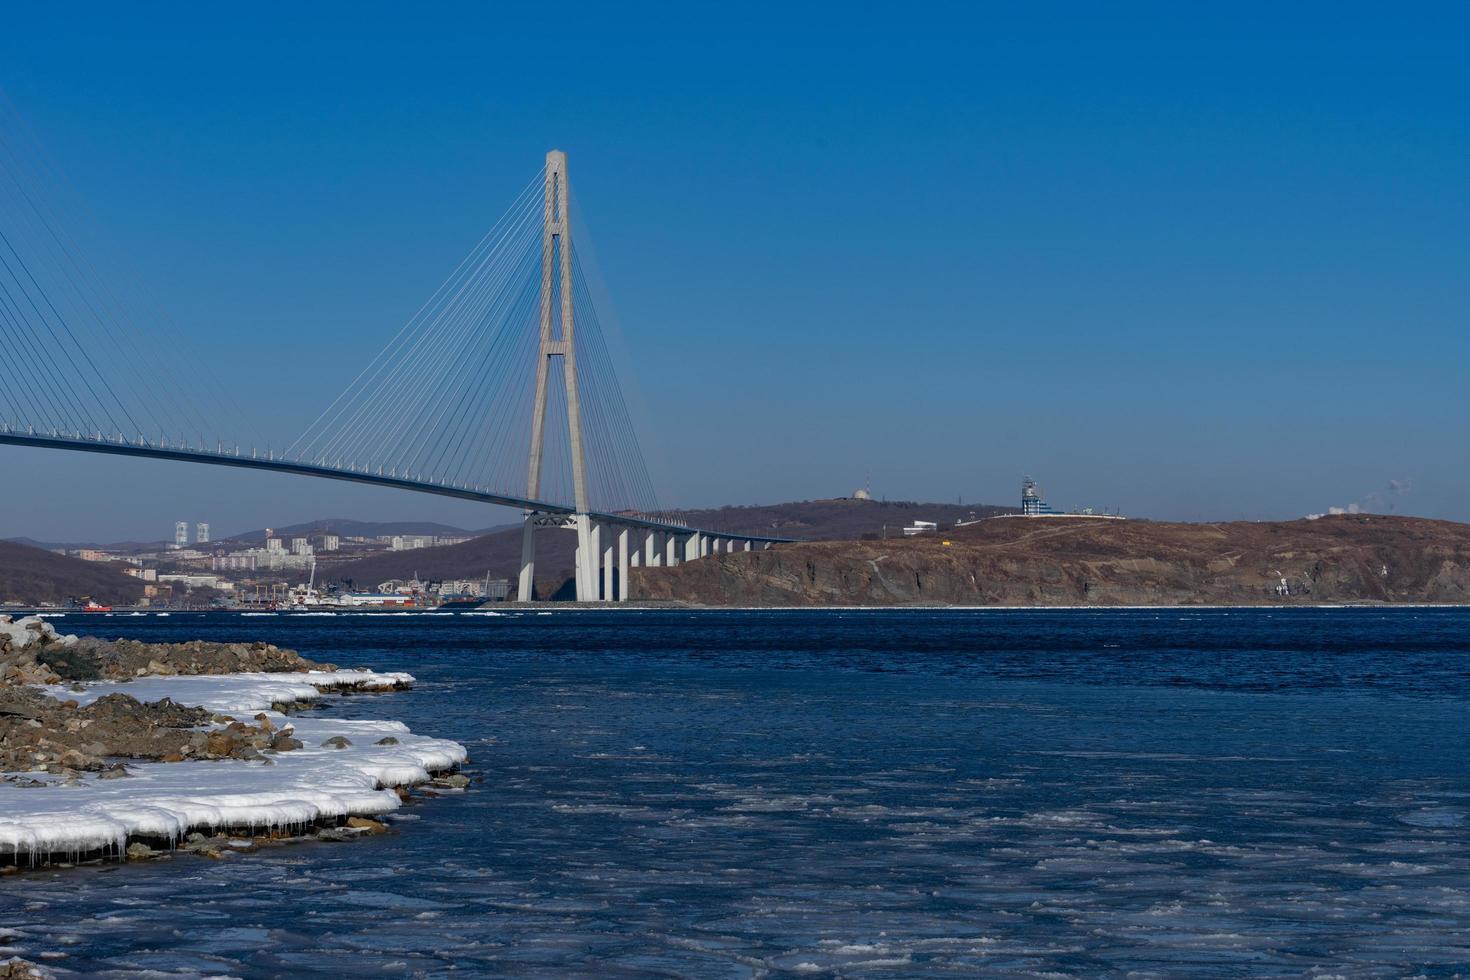 Puente zolotoy con nublado cielo azul en Vladivostok, Rusia foto